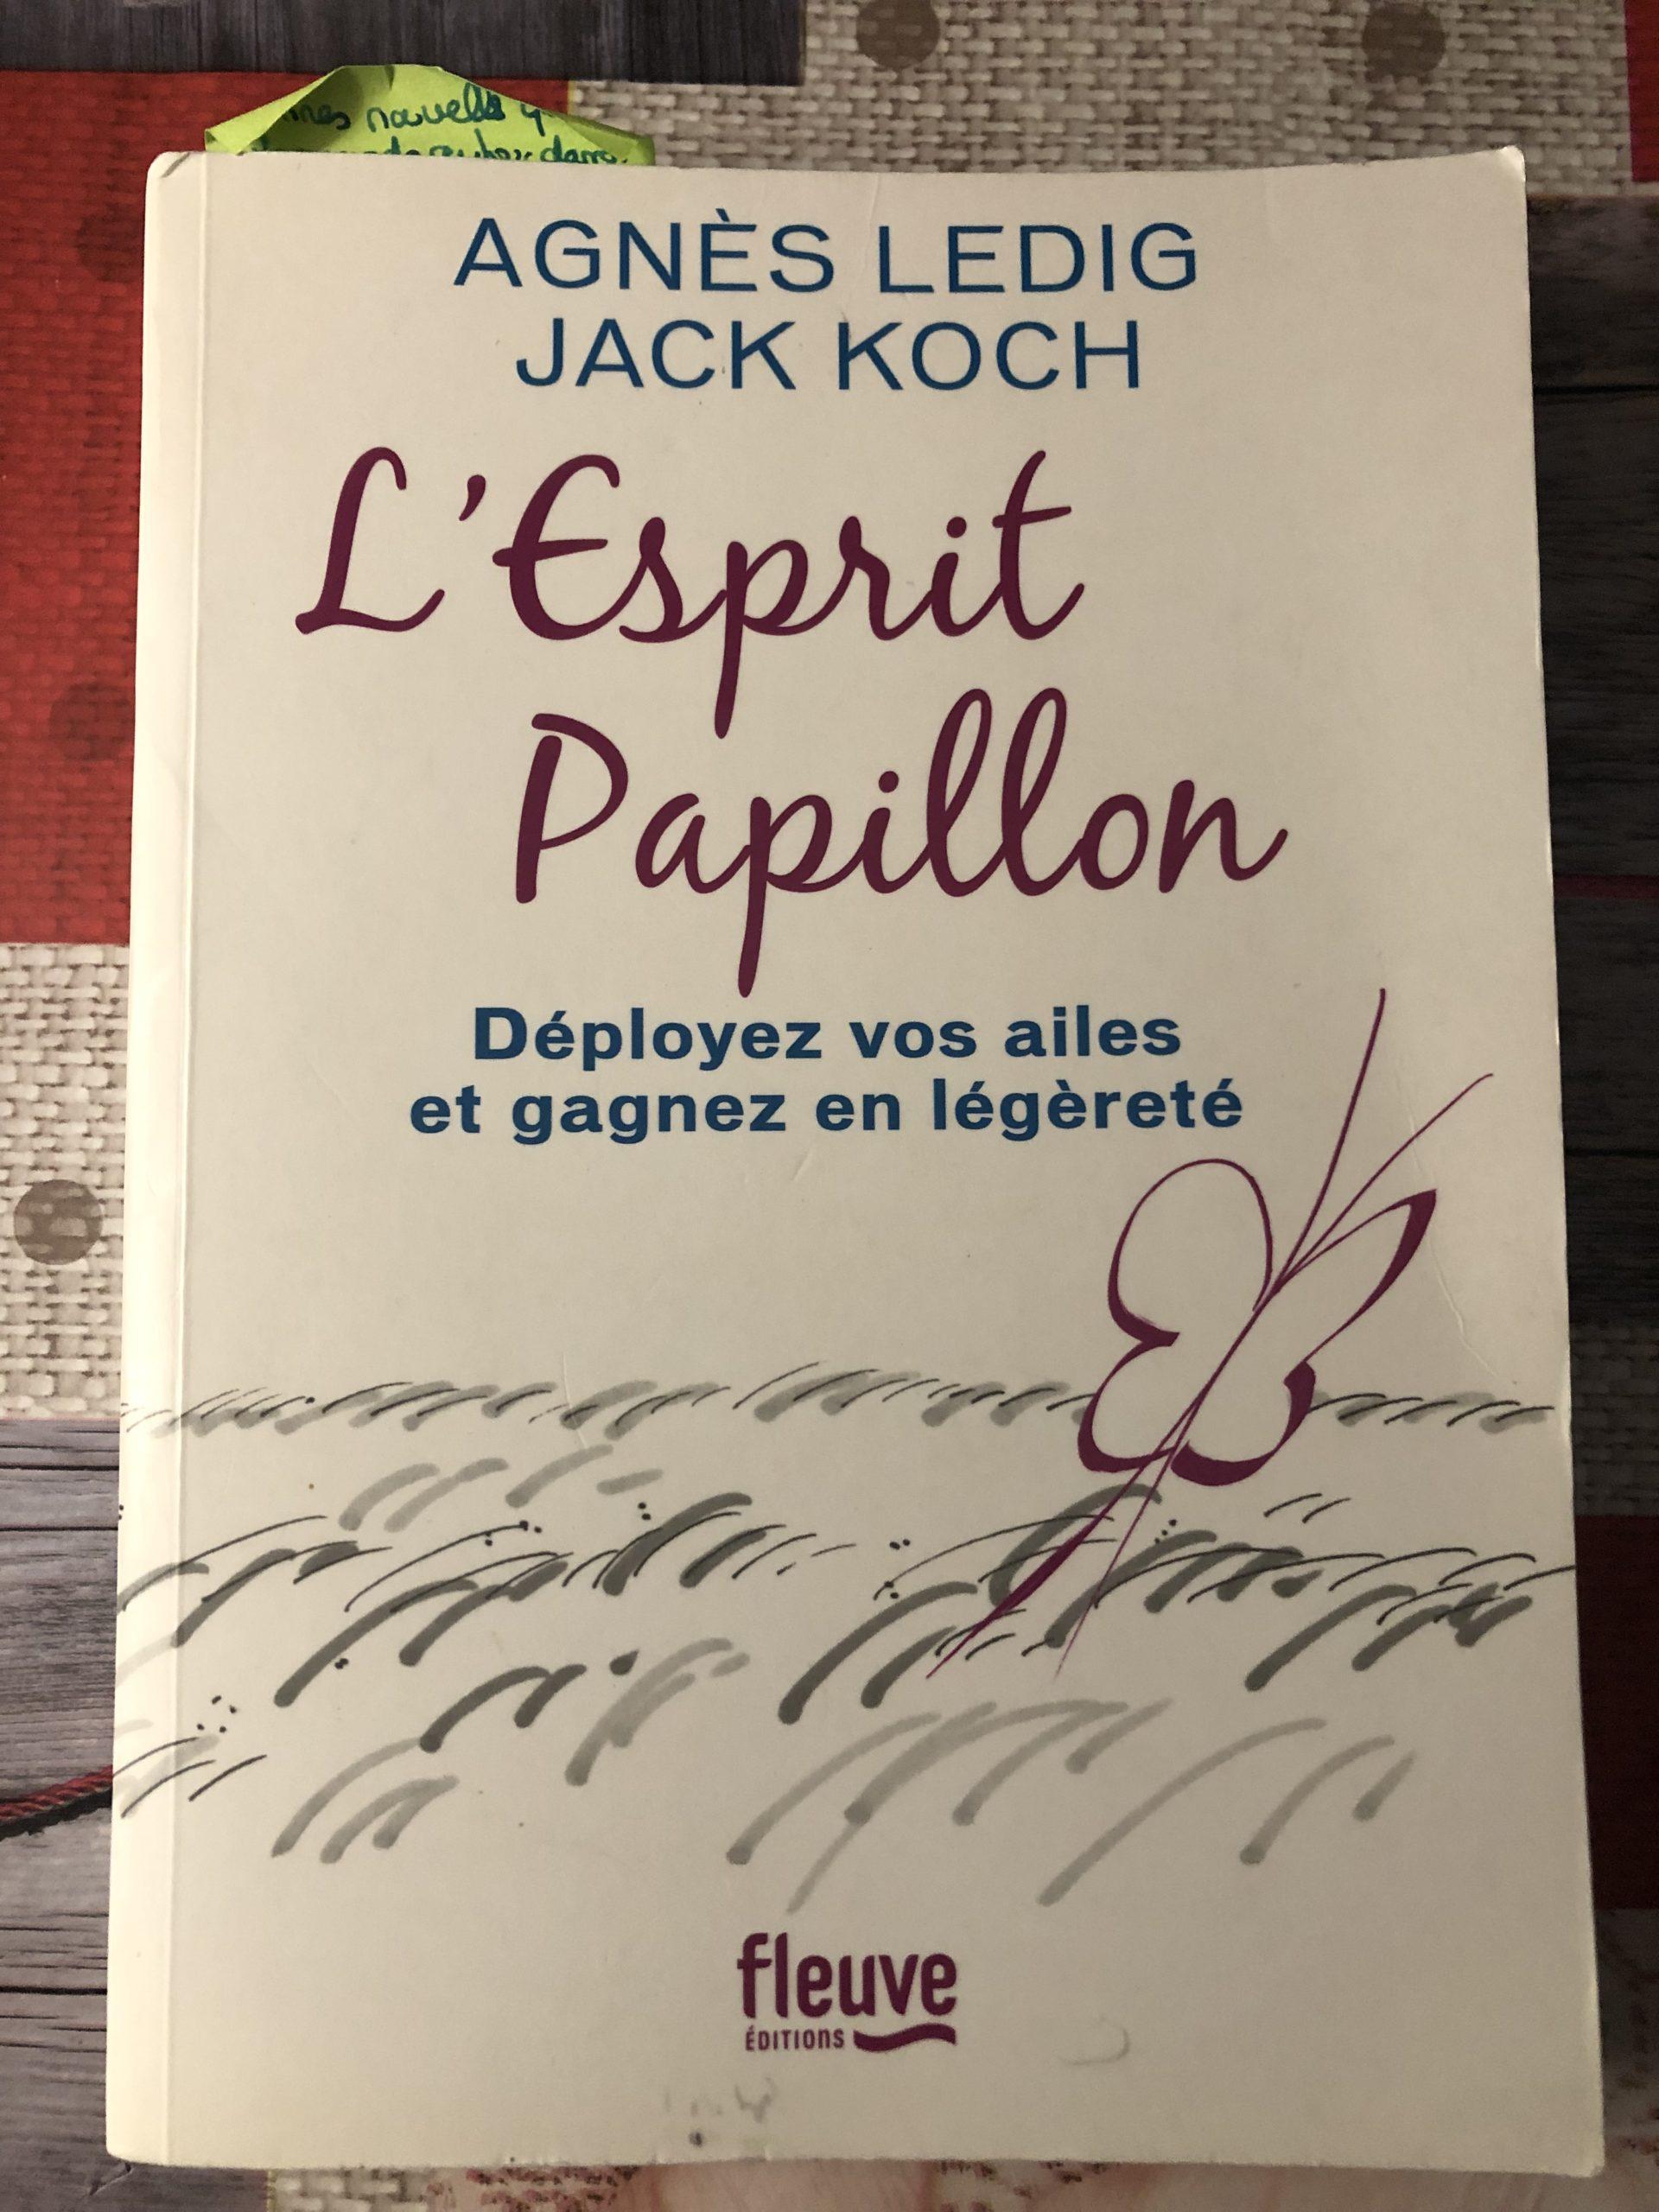 L'esprit Papillon d'Agnès Ledig et Jack Koch. Photo de Cendrine Miesch sur le blog de LaPtiteAlsacienne.com